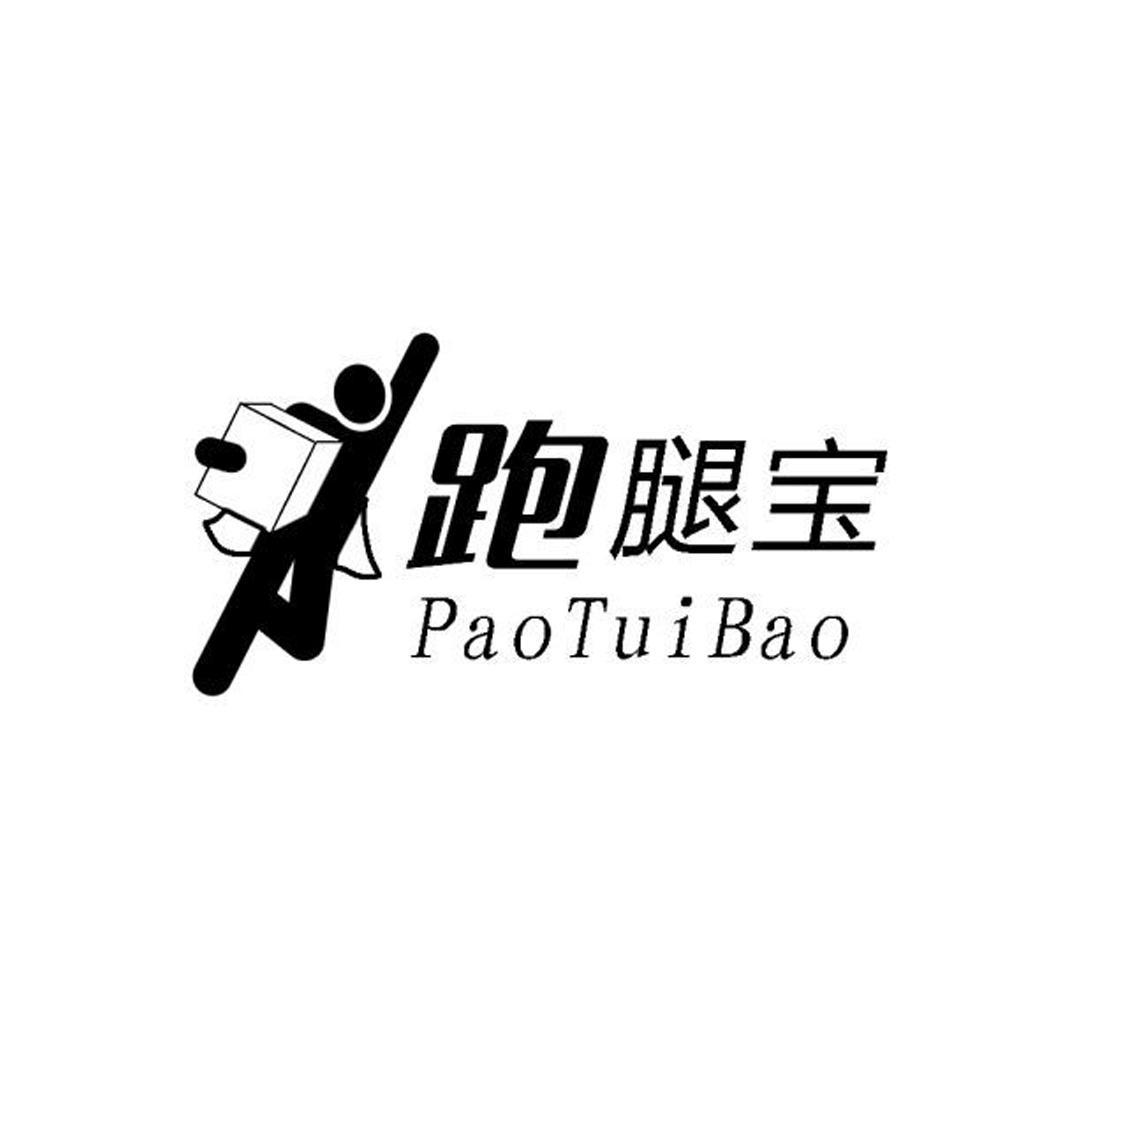 logo logo 标志 设计 矢量 矢量图 素材 图标 1122_1122